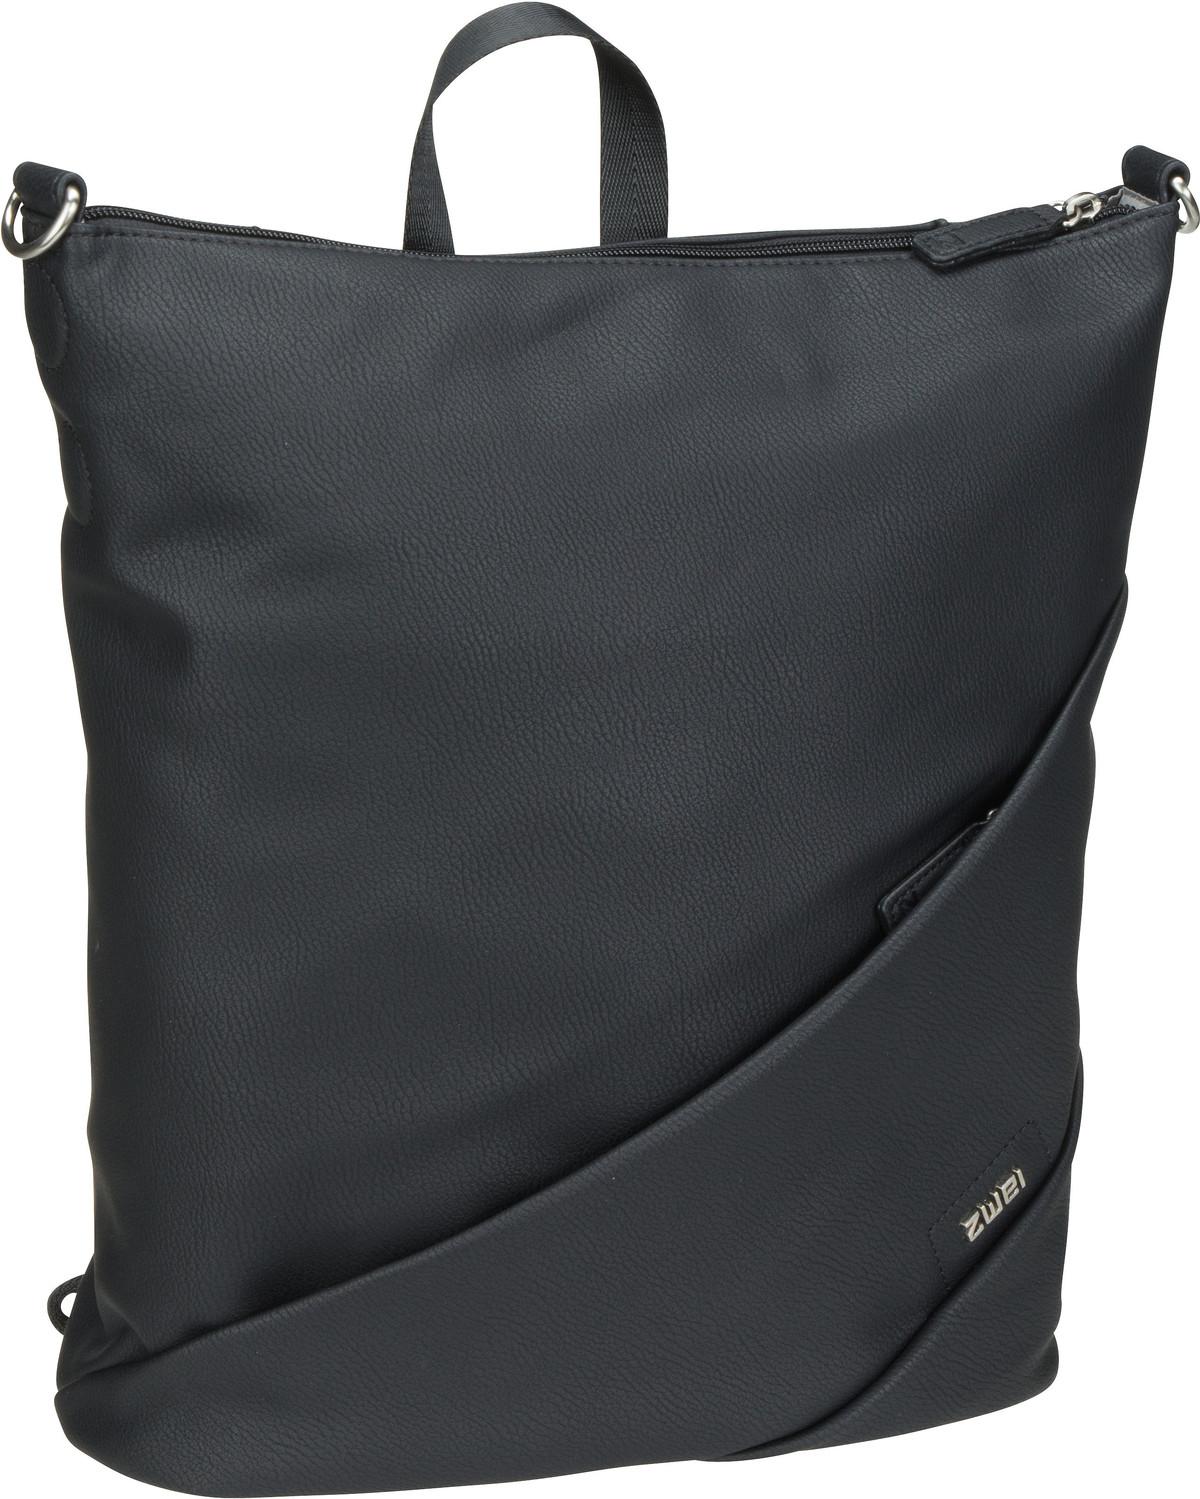 Rucksack / Daypack Sophie SOR140 Black (8 Liter)